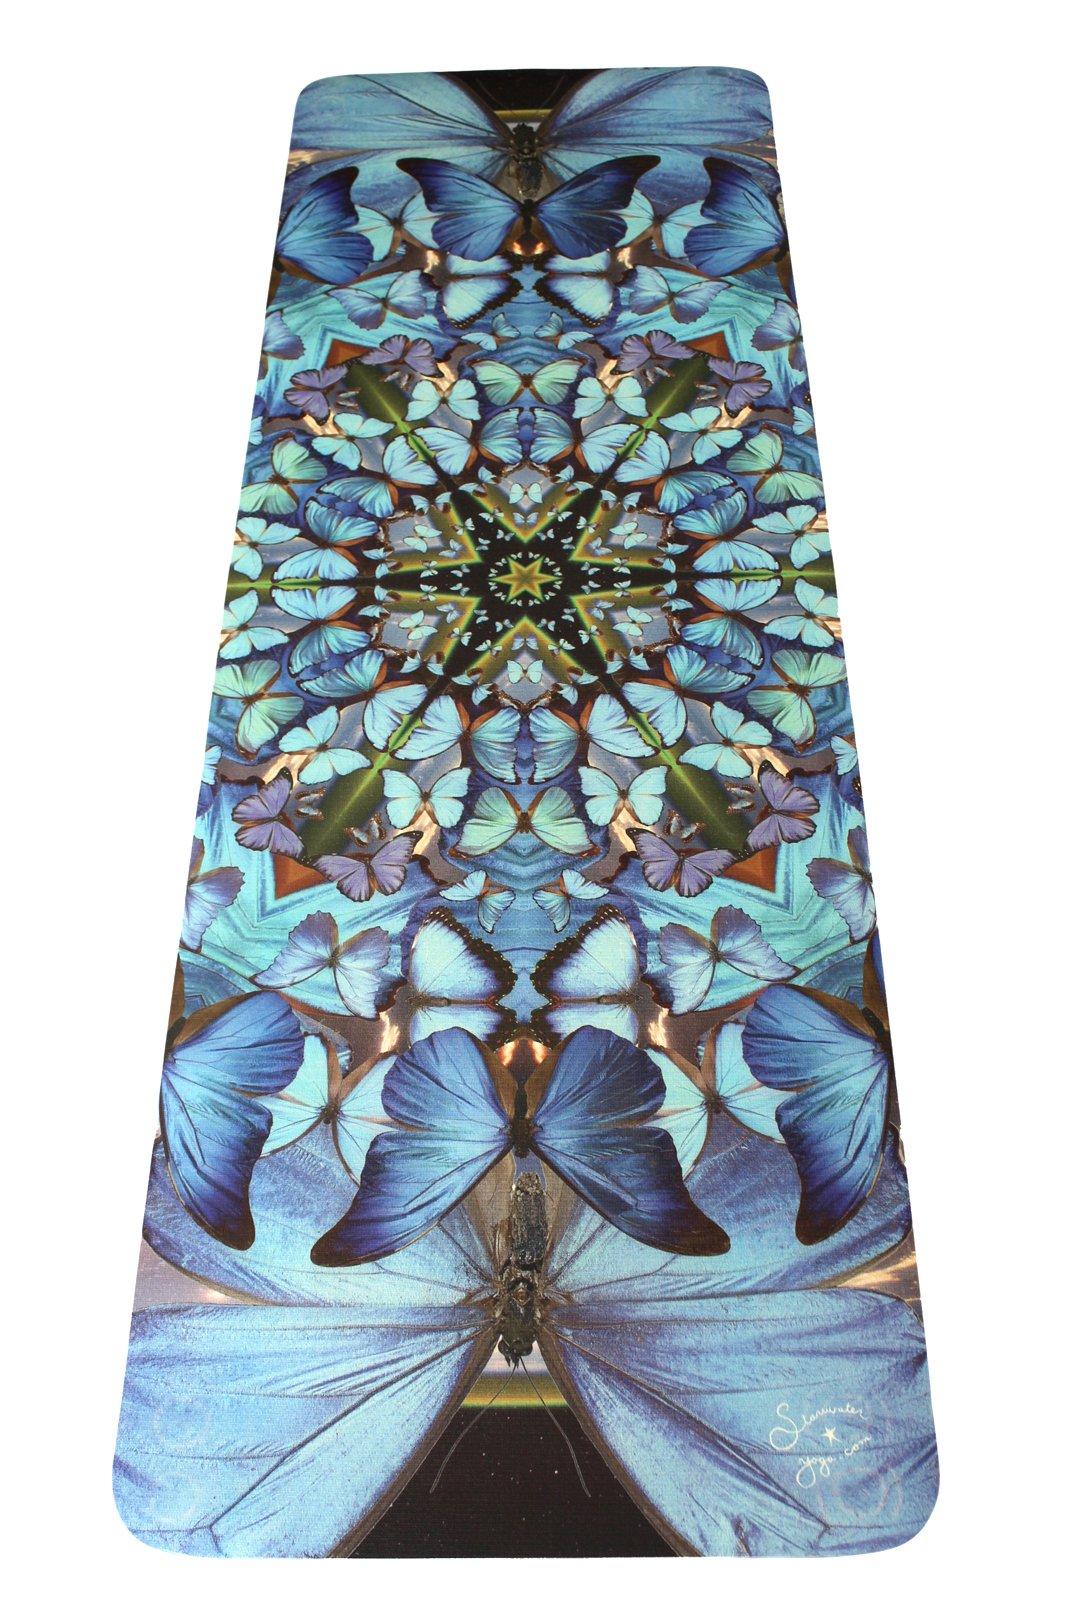 DESTINY // Blue Butterfly Mandala Yoga Mat